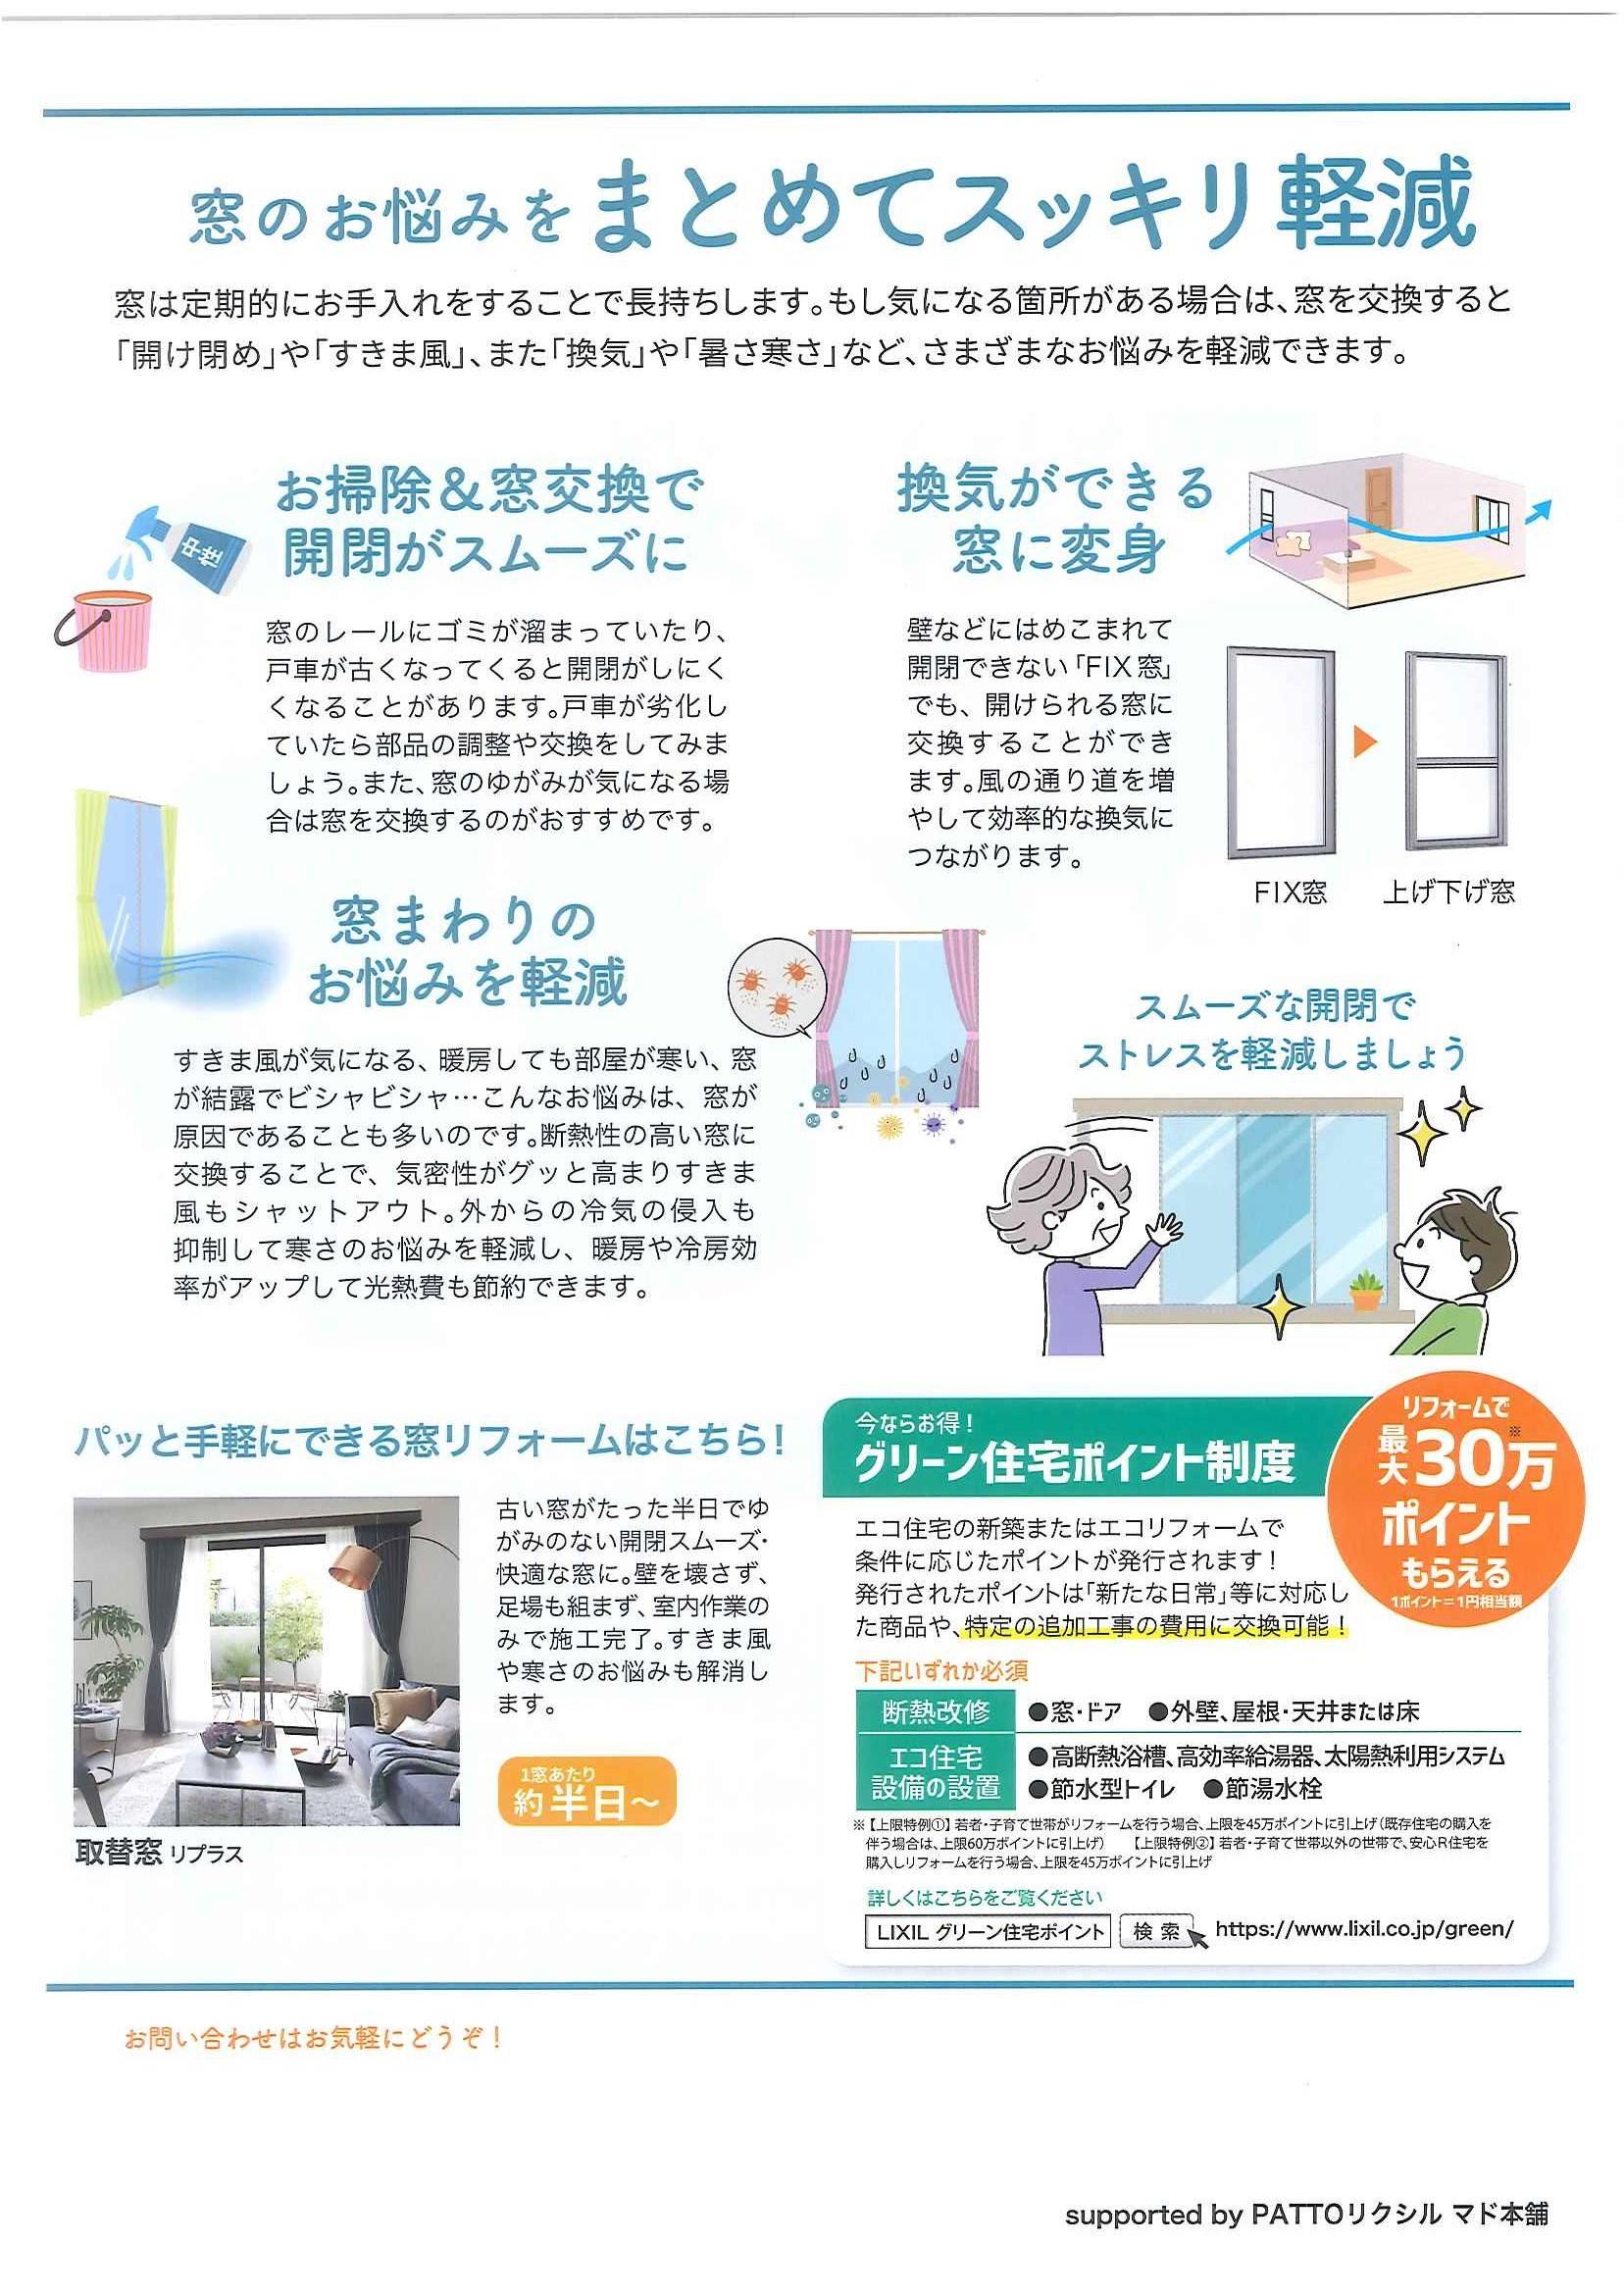 マド本舗 🐥すまいの健康・快適だより②号🐸 ヒロトーヨー住器の現場ブログ 写真2